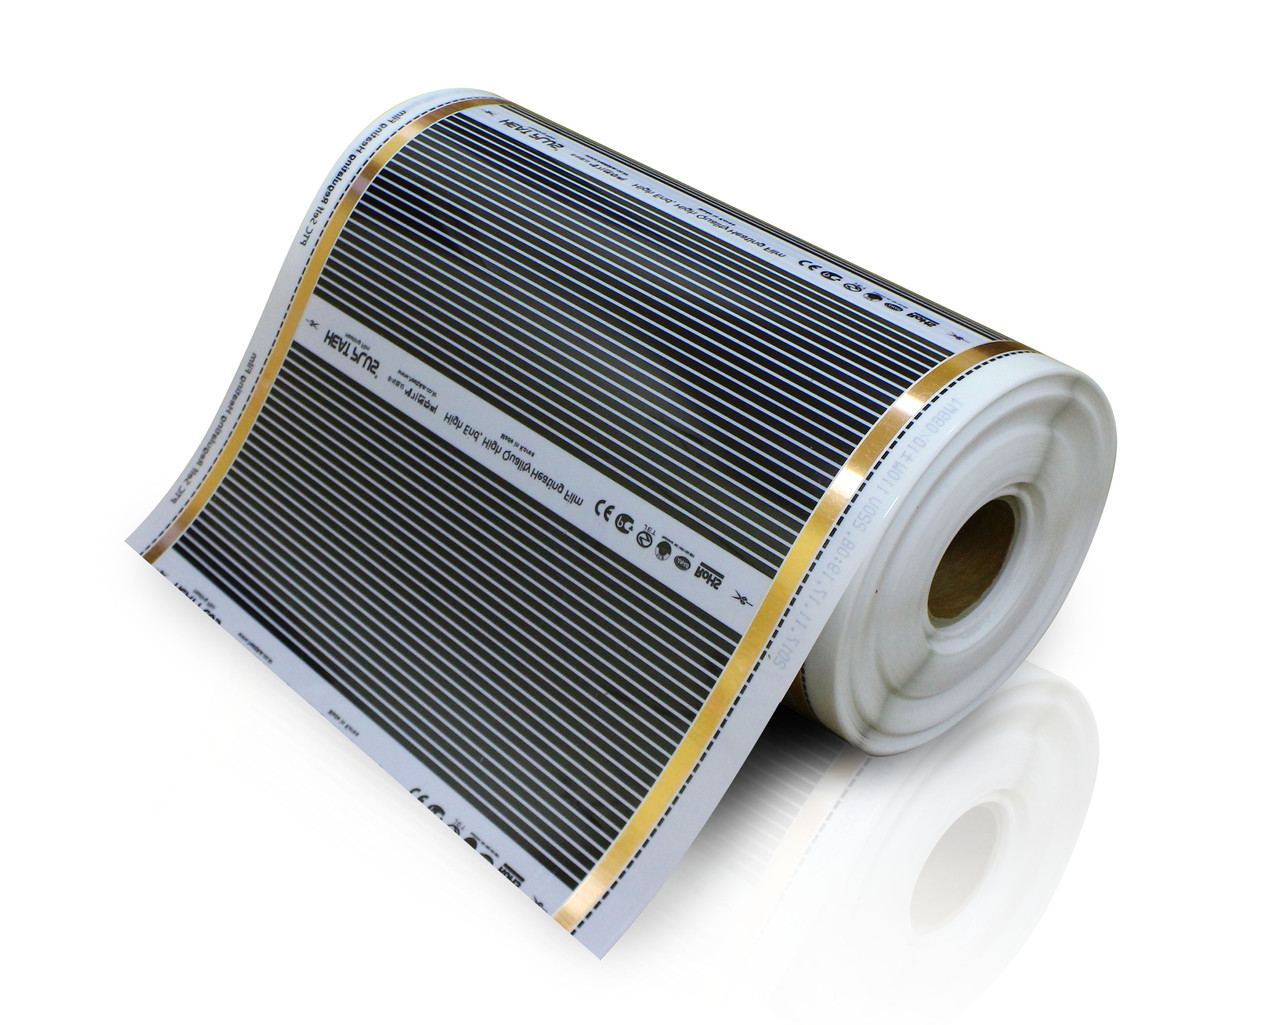 Інфрачервона плівка для теплої підлоги Heat Plus ЅРР-305-110 РТС тепла підлога